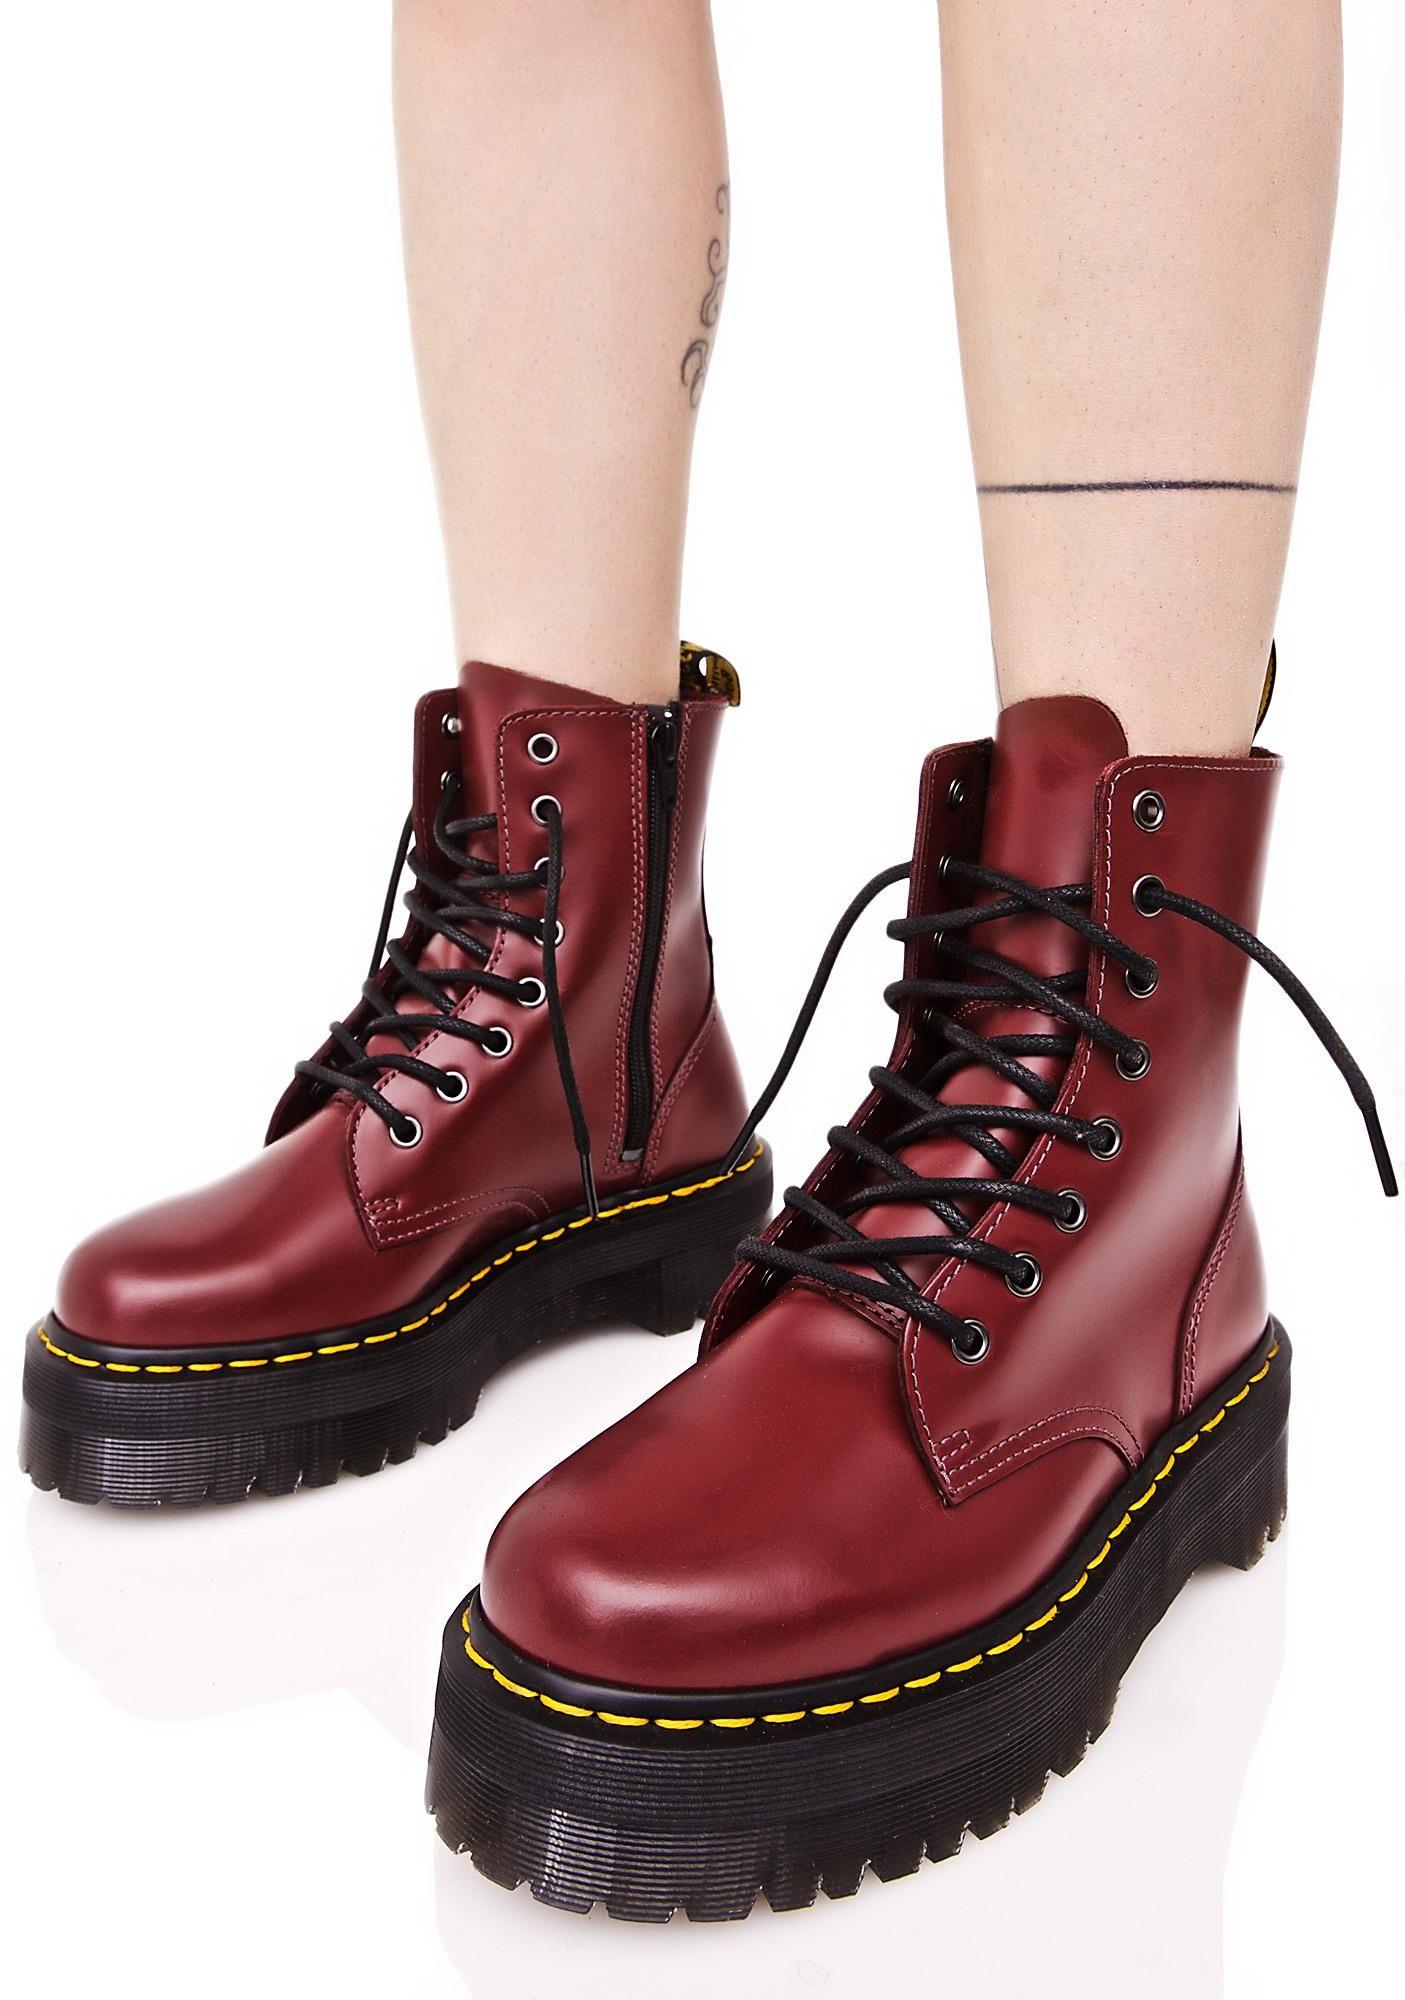 Jadon In Cherry Red | Boots, Shoe show